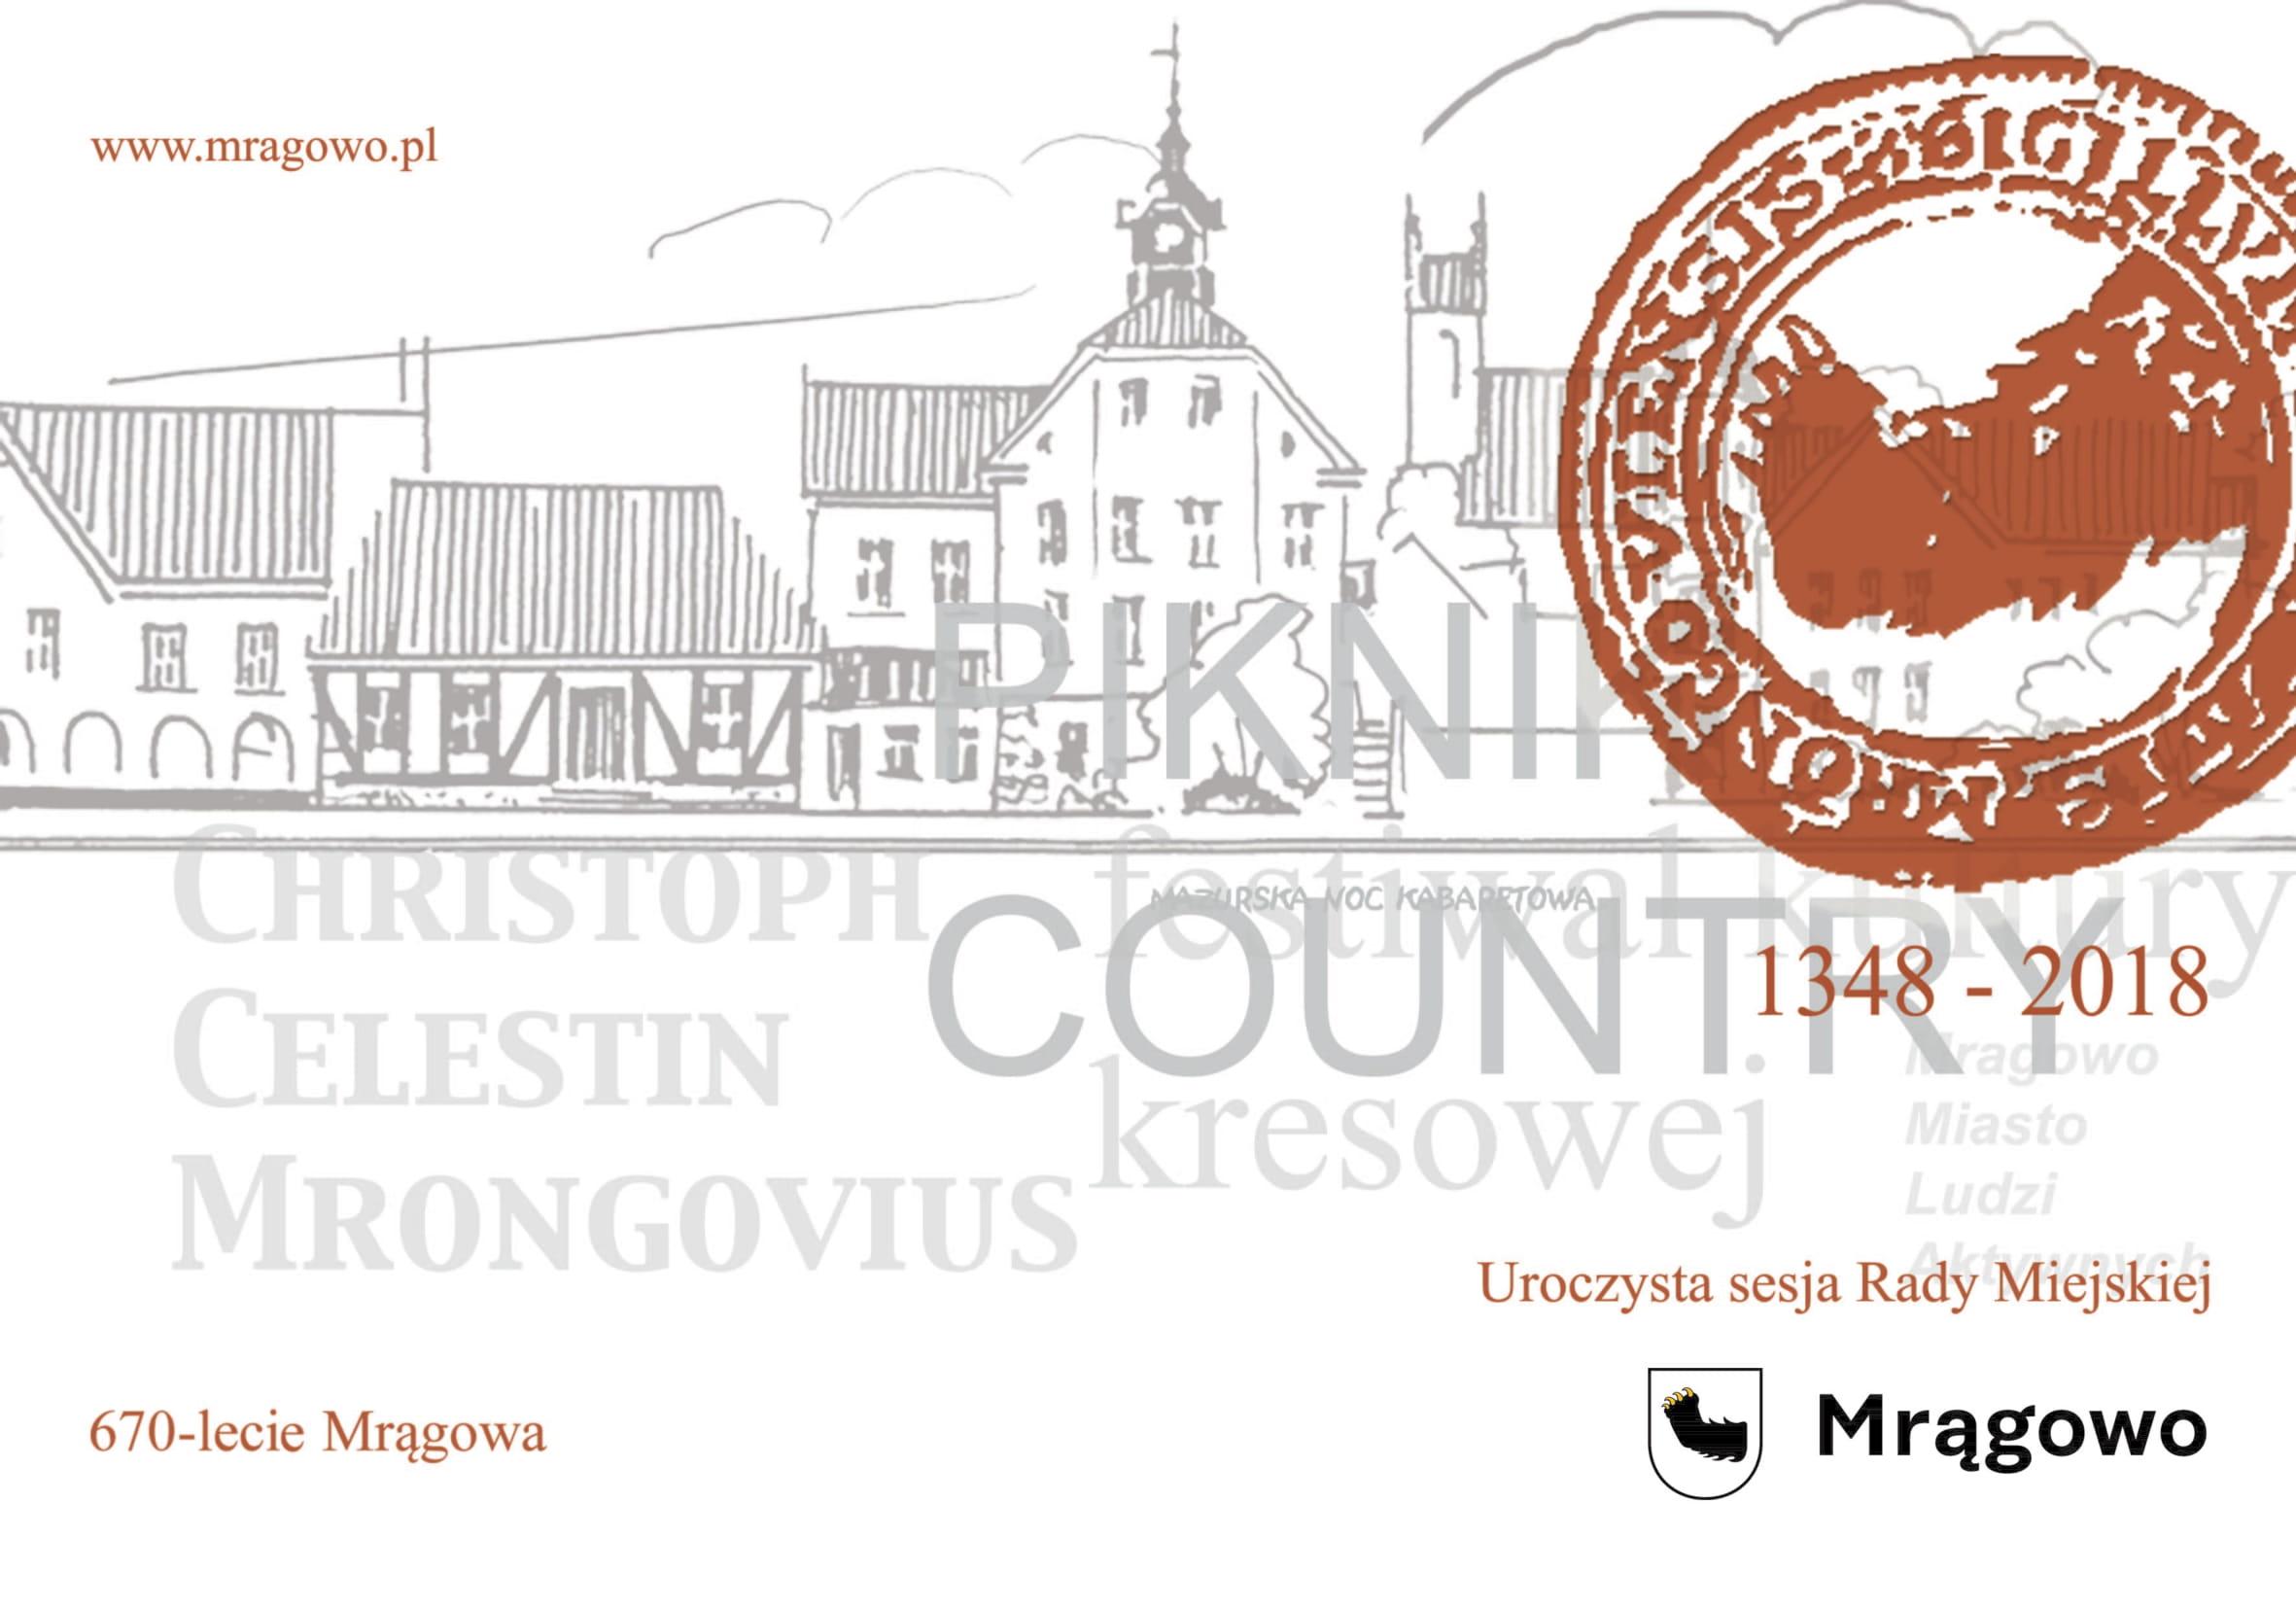 Uroczysta Sesja Rady Miejskiej dot. Obchodów 670-lecia Mrągowa